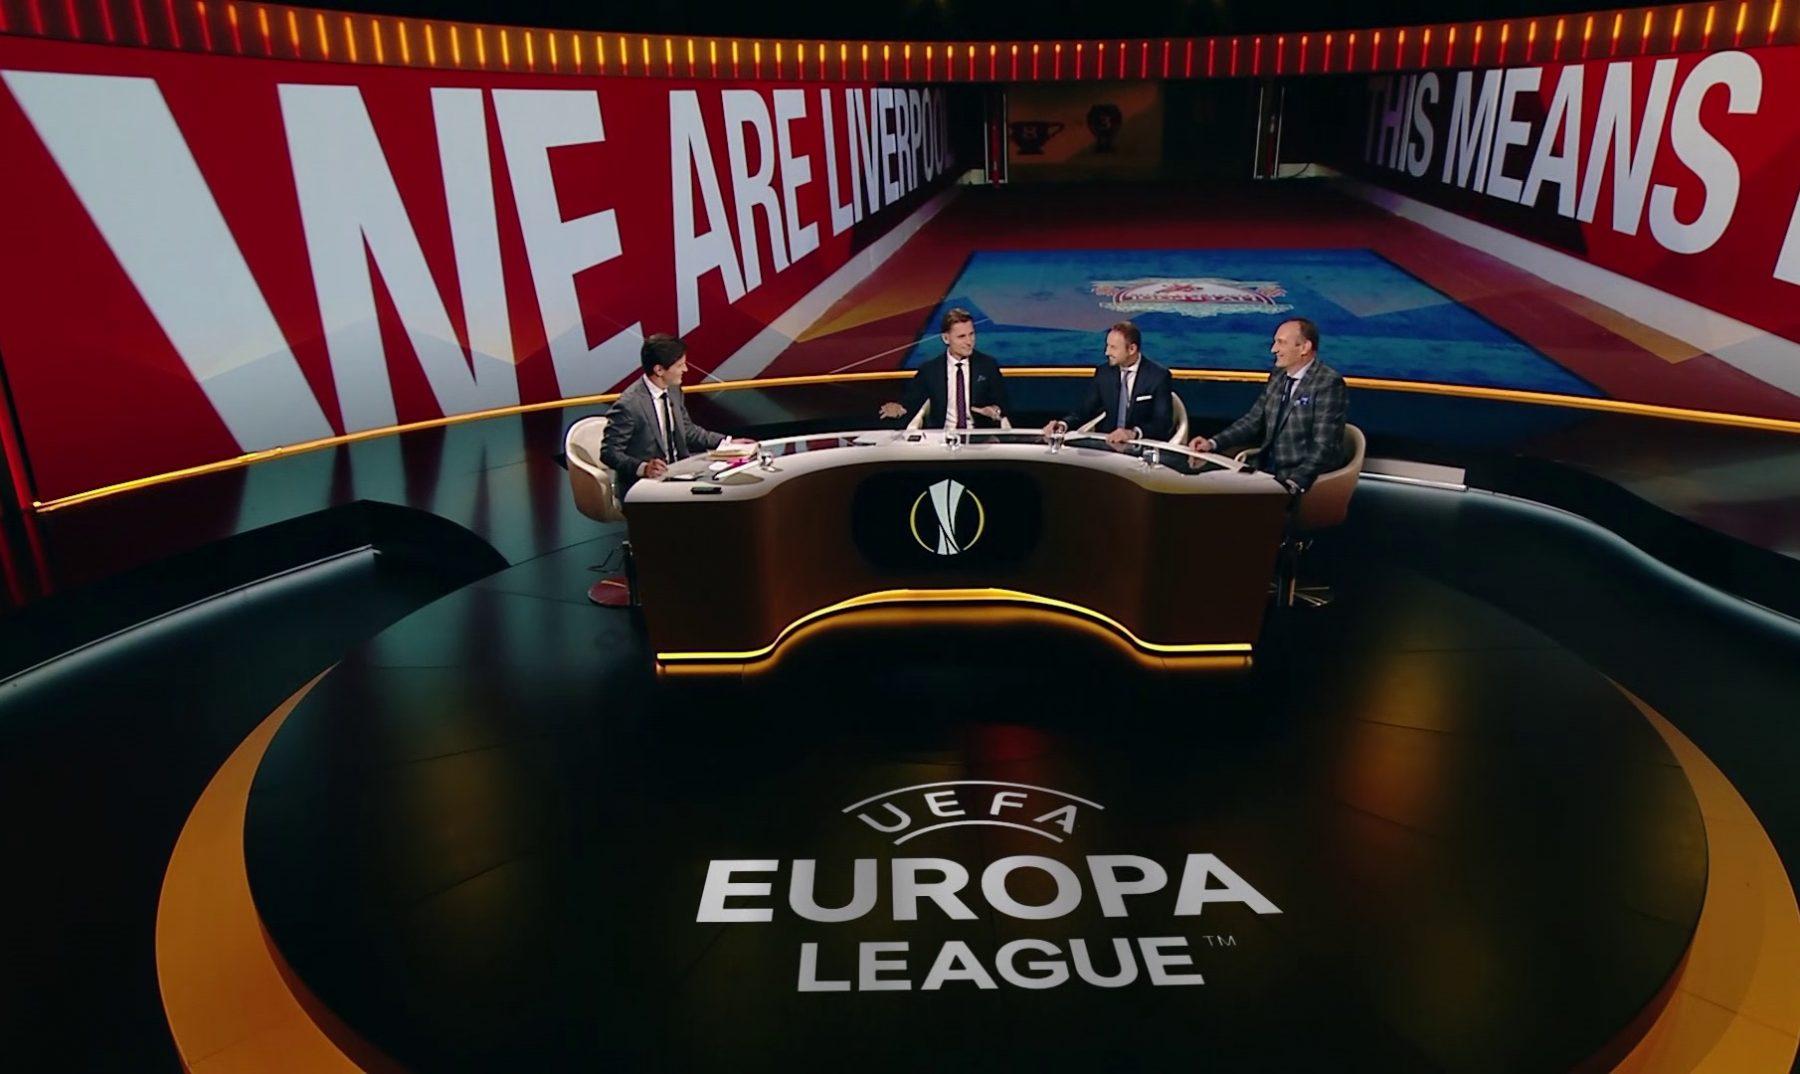 UEFA Europa League Polsat Sport 3